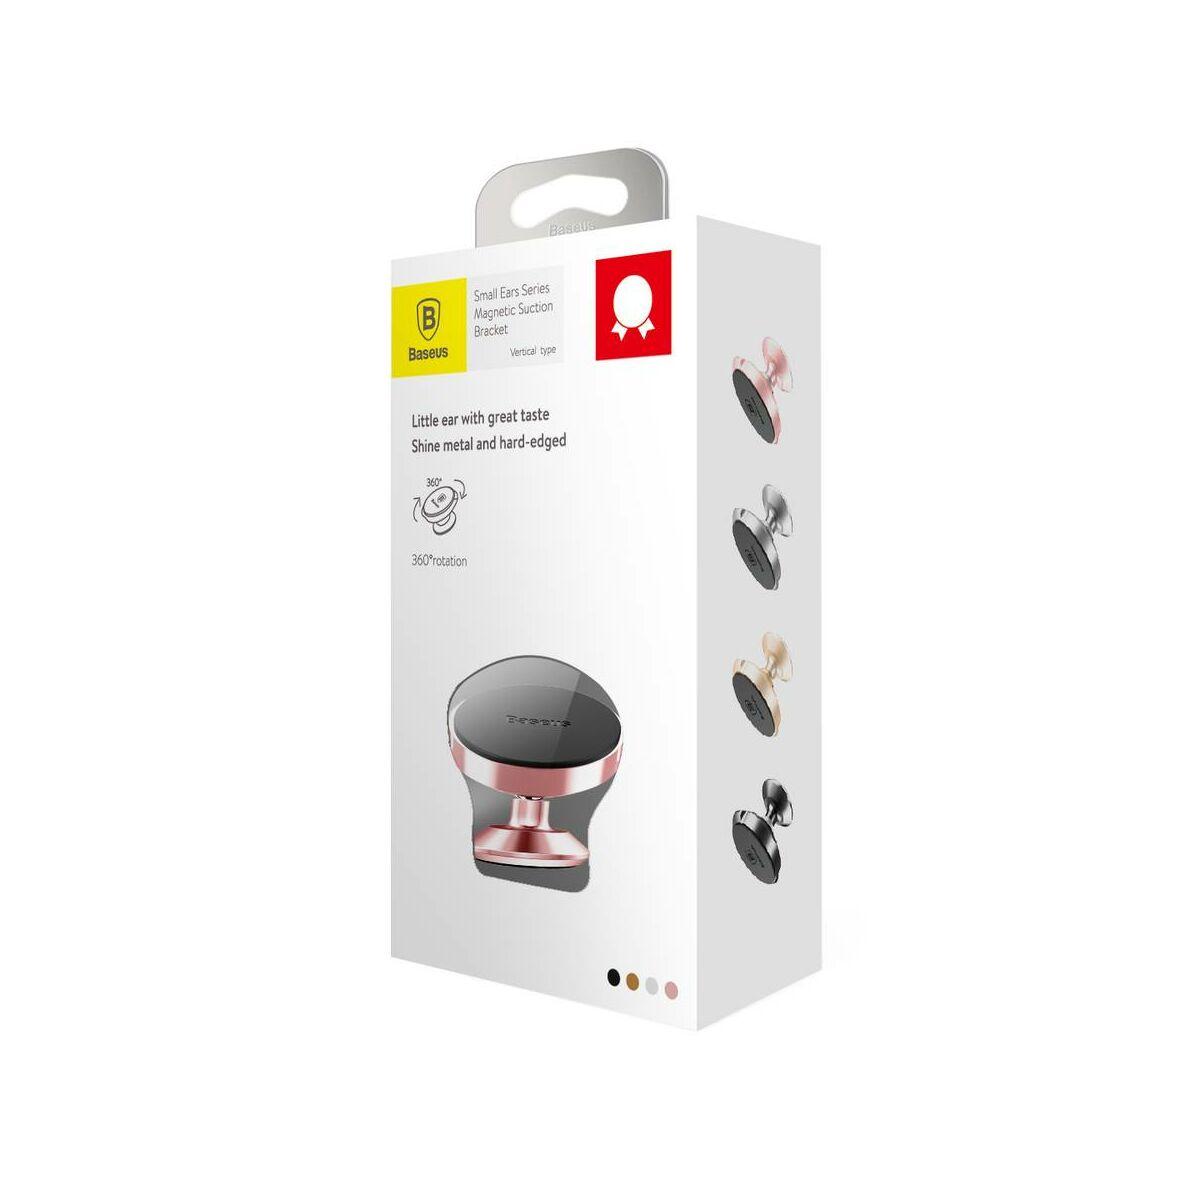 Baseus autós telefon tartó, Small Ears series mágneses, műszerfalra, rosé arany (SUER-B0R)